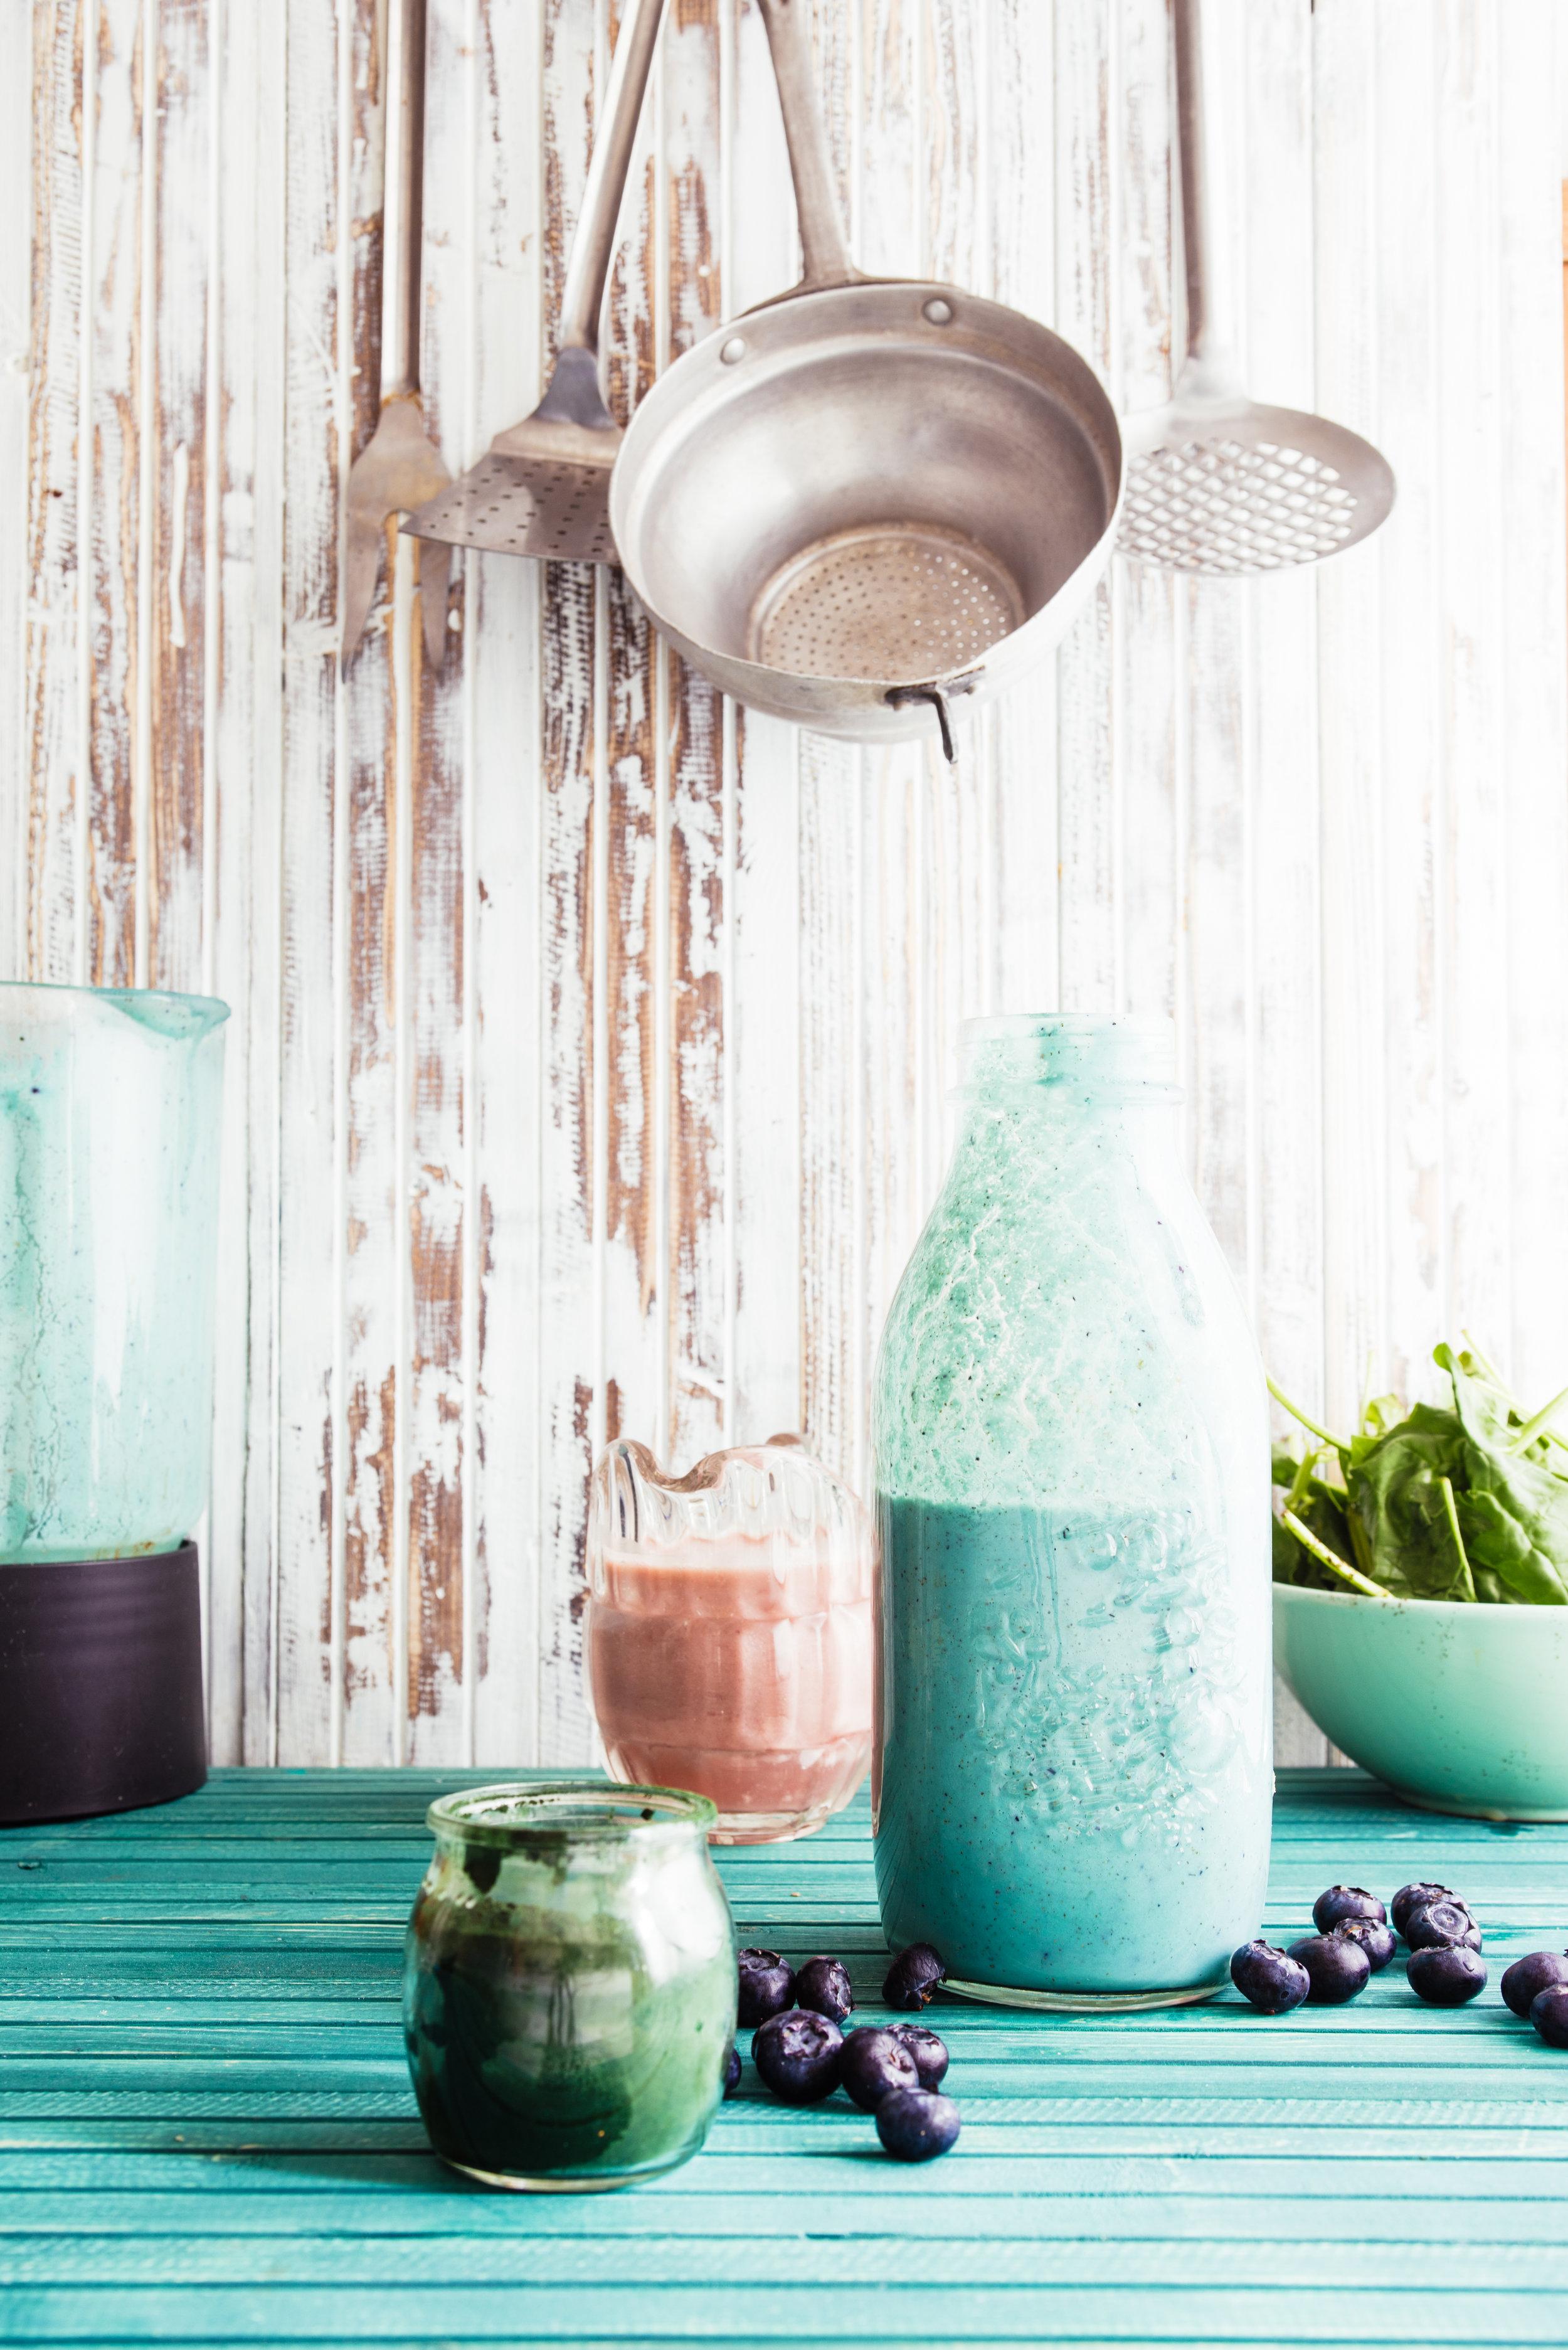 La spiruline est un aliment bon à manger et aussi bon à penser… - Elle conquiert les comptes Instagram des influenceurs food à travers le monde, par exemple avec la Blue Magic, un extrait de spiruline bleue qui colore nos plats (grâce à la phycocyanine).